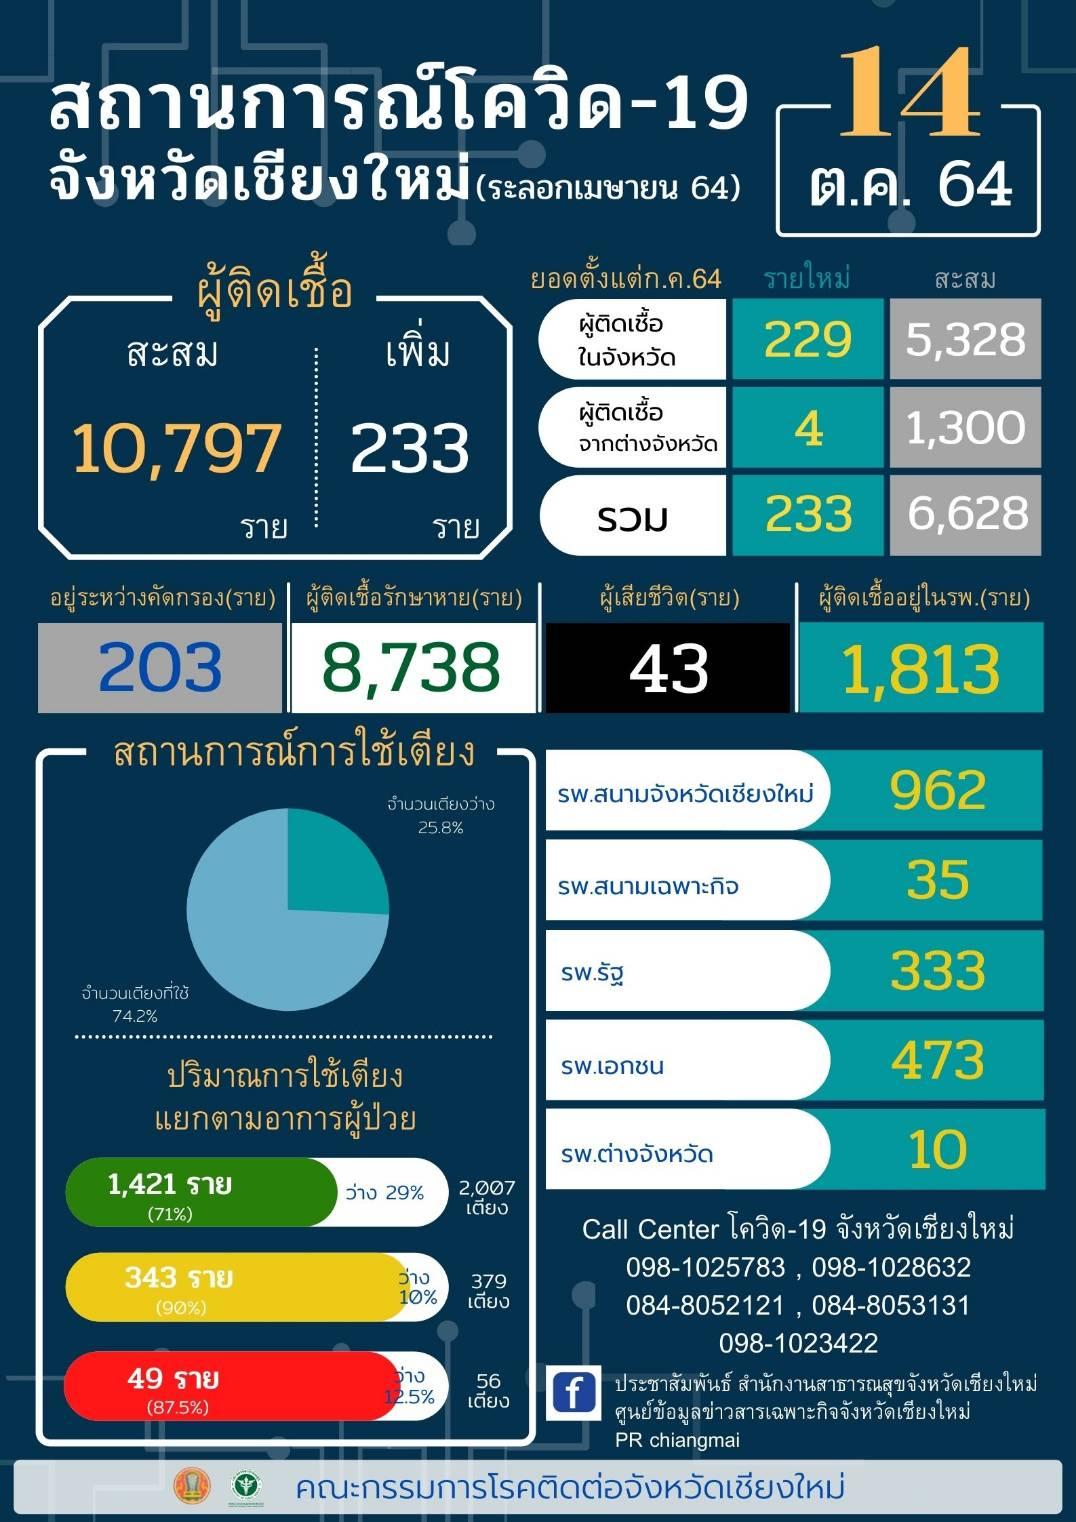 เชียงใหม่-พบผู้ติดเชื้อรายใหม่ในจังหวัดถึง 229 ราย